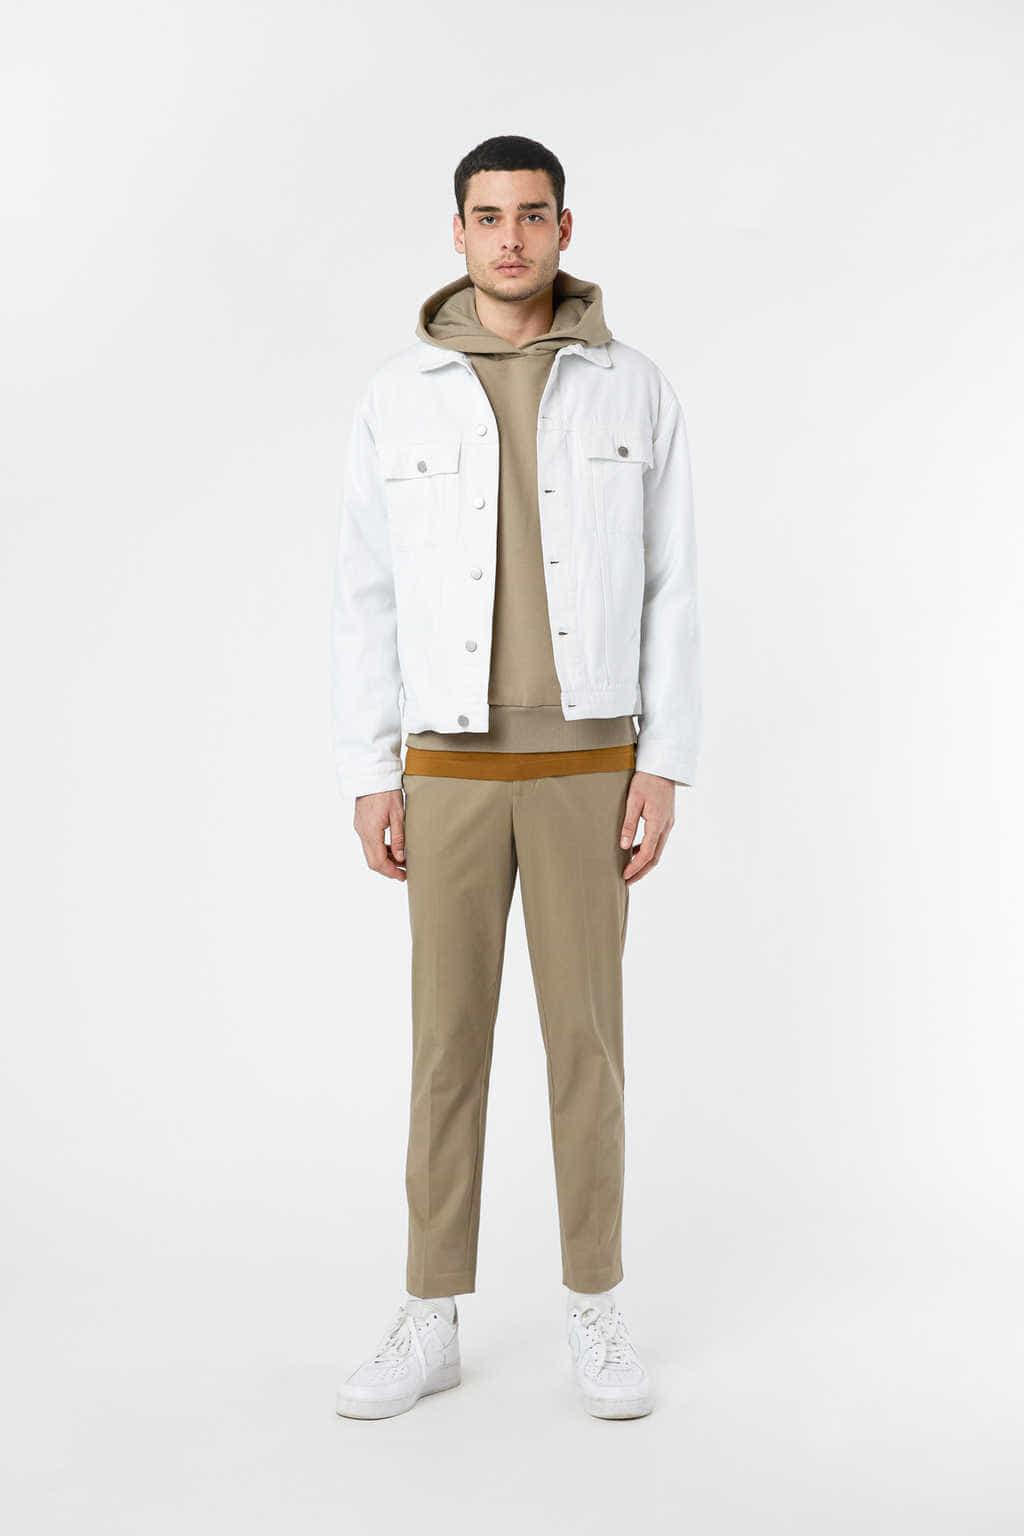 Denim Jacket 3318 White 18